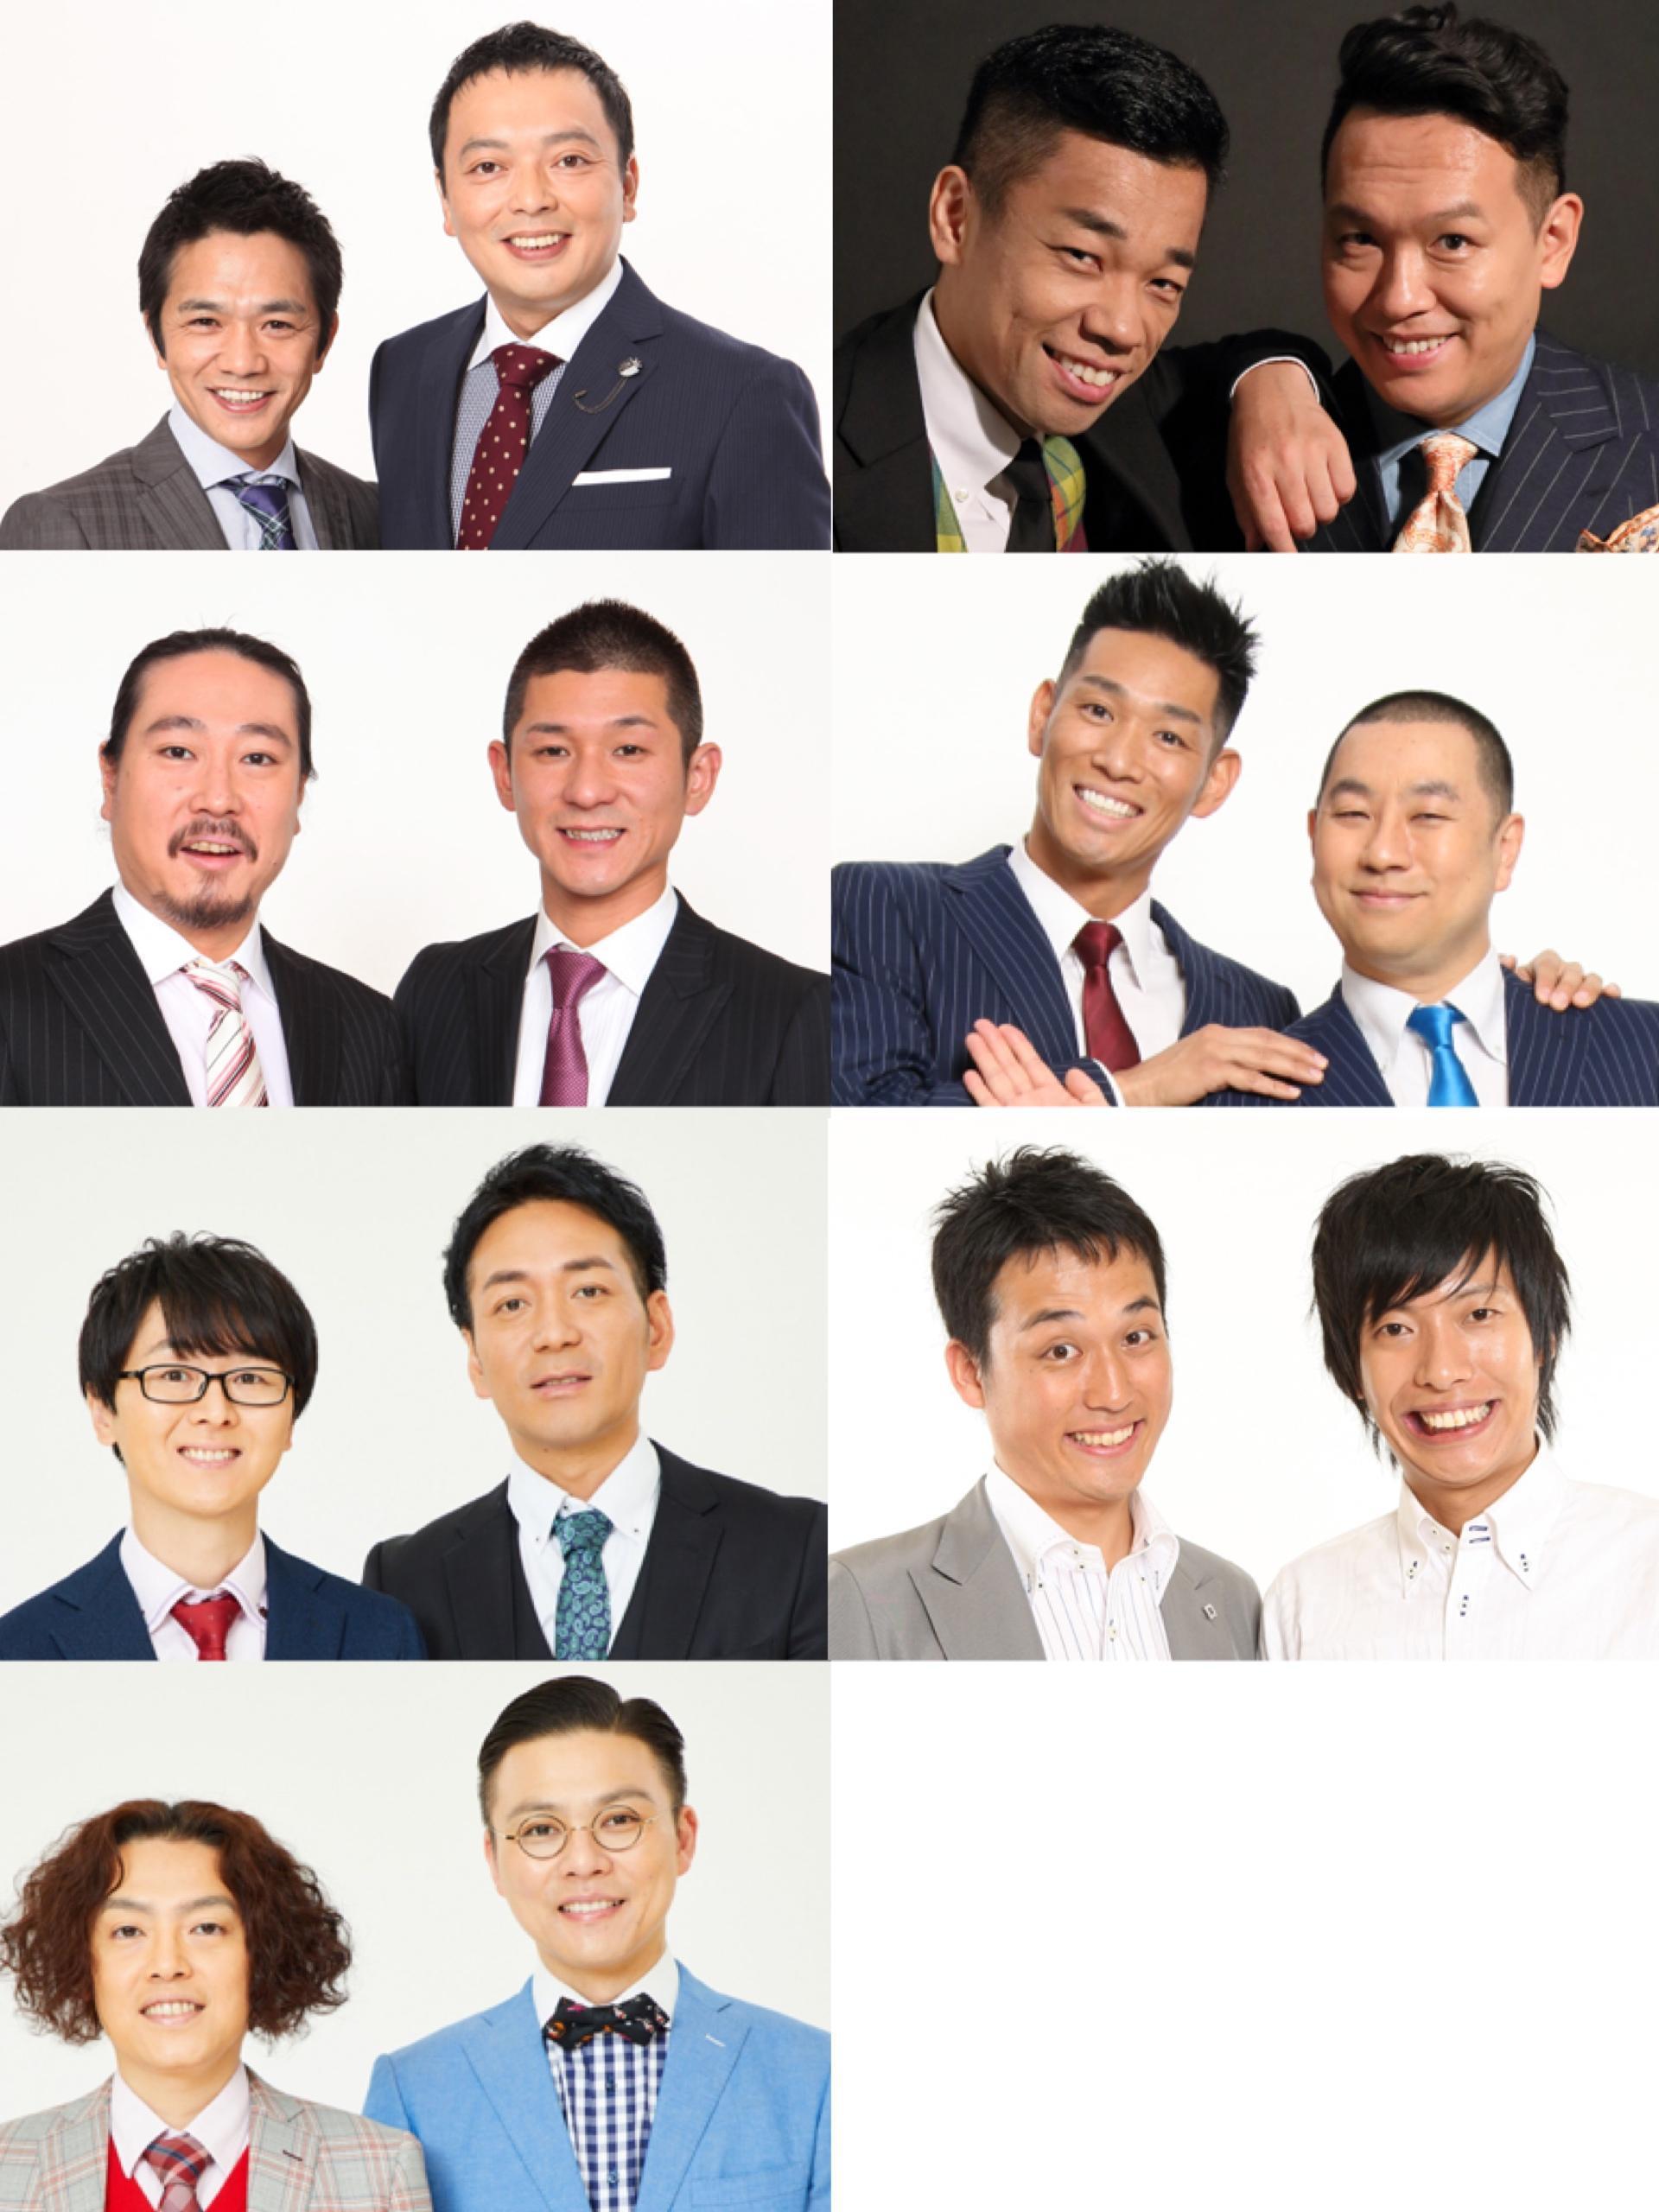 http://www.syumatsu.jp/20210408125539-eb59ca52904c8520a9b5e00e5a9b87c4df1515c0.jpg